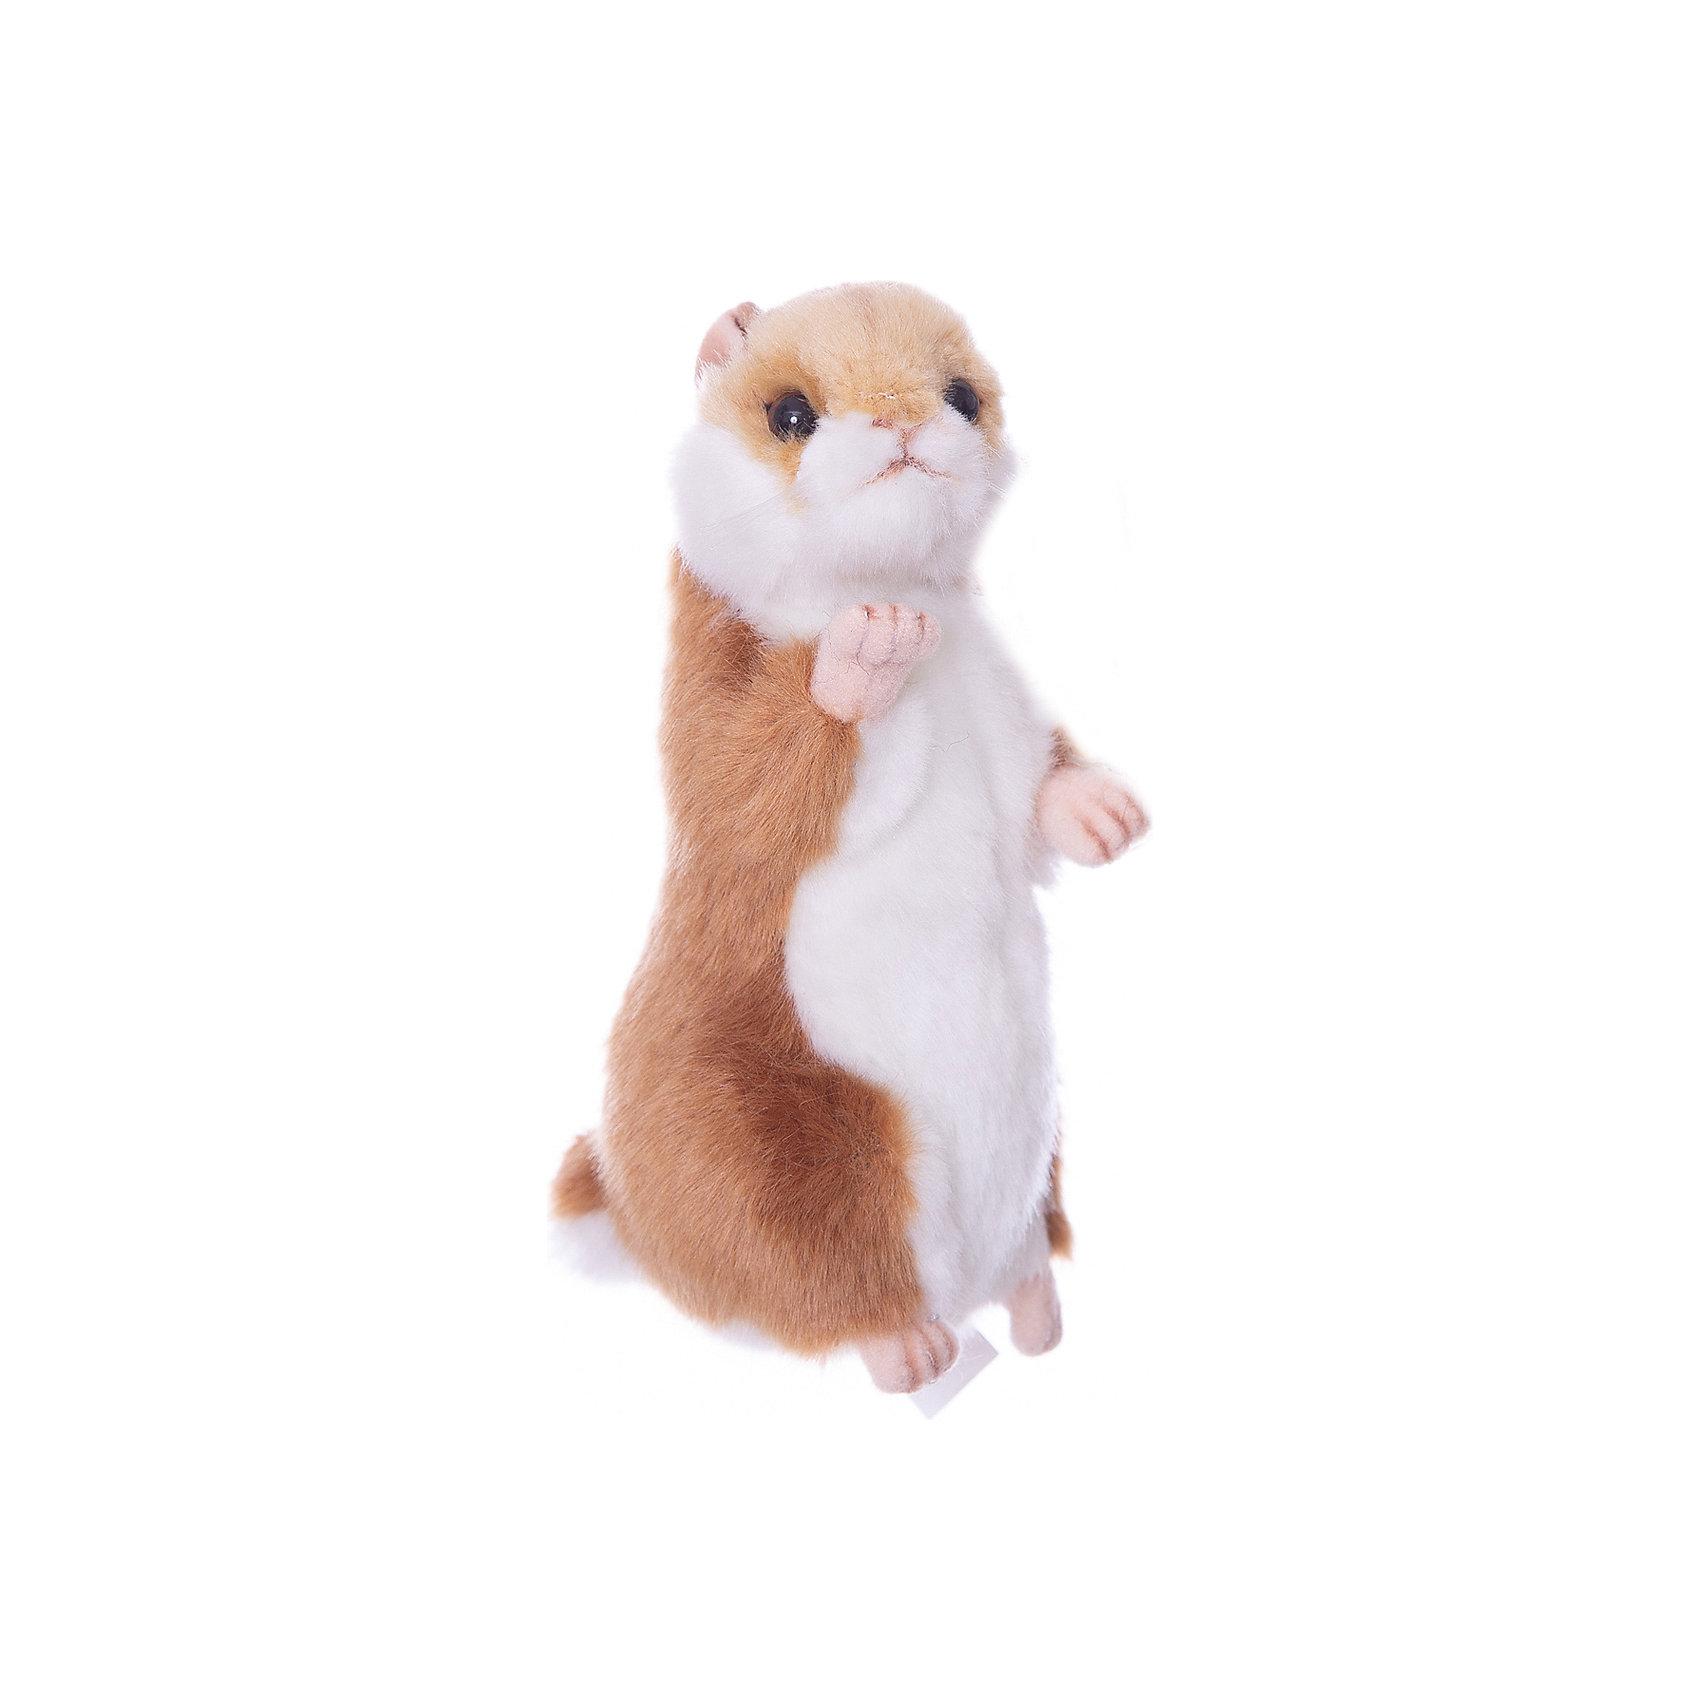 Мягкая игрушка Hansa Хомячок (стоящий), 15 смМягкие игрушки животные<br>Характеристики товара:<br><br>• возраст: от 3 лет;<br>• материал: искусственный мех;<br>• высота игрушки: 15 см;<br>• размер упаковки: 15х8х6 см;<br>• вес упаковки: 75 гр.;<br>• страна производитель: Филиппины.<br><br>Мягкая игрушка Хомячок Hansa 15 см — очаровательный пушистый хомячок с глазками-пуговками и маленькими лапками, который станет для ребенка любимым домашним питомцем. Игрушку можно брать с собой на прогулку, в детский садик, в гости и устраивать вместе с друзьями веселые игры. <br><br>Внутри проходит титановый каркас, который позволяет менять положение лап, туловища, поворачивать голову. Игрушка сделана из качественных безопасных материалов.<br><br>Мягкую игрушку Хомячок Hansa 15 см можно приобрести в нашем интернет-магазине.<br><br>Ширина мм: 80<br>Глубина мм: 60<br>Высота мм: 150<br>Вес г: 75<br>Возраст от месяцев: 36<br>Возраст до месяцев: 2147483647<br>Пол: Унисекс<br>Возраст: Детский<br>SKU: 6680728